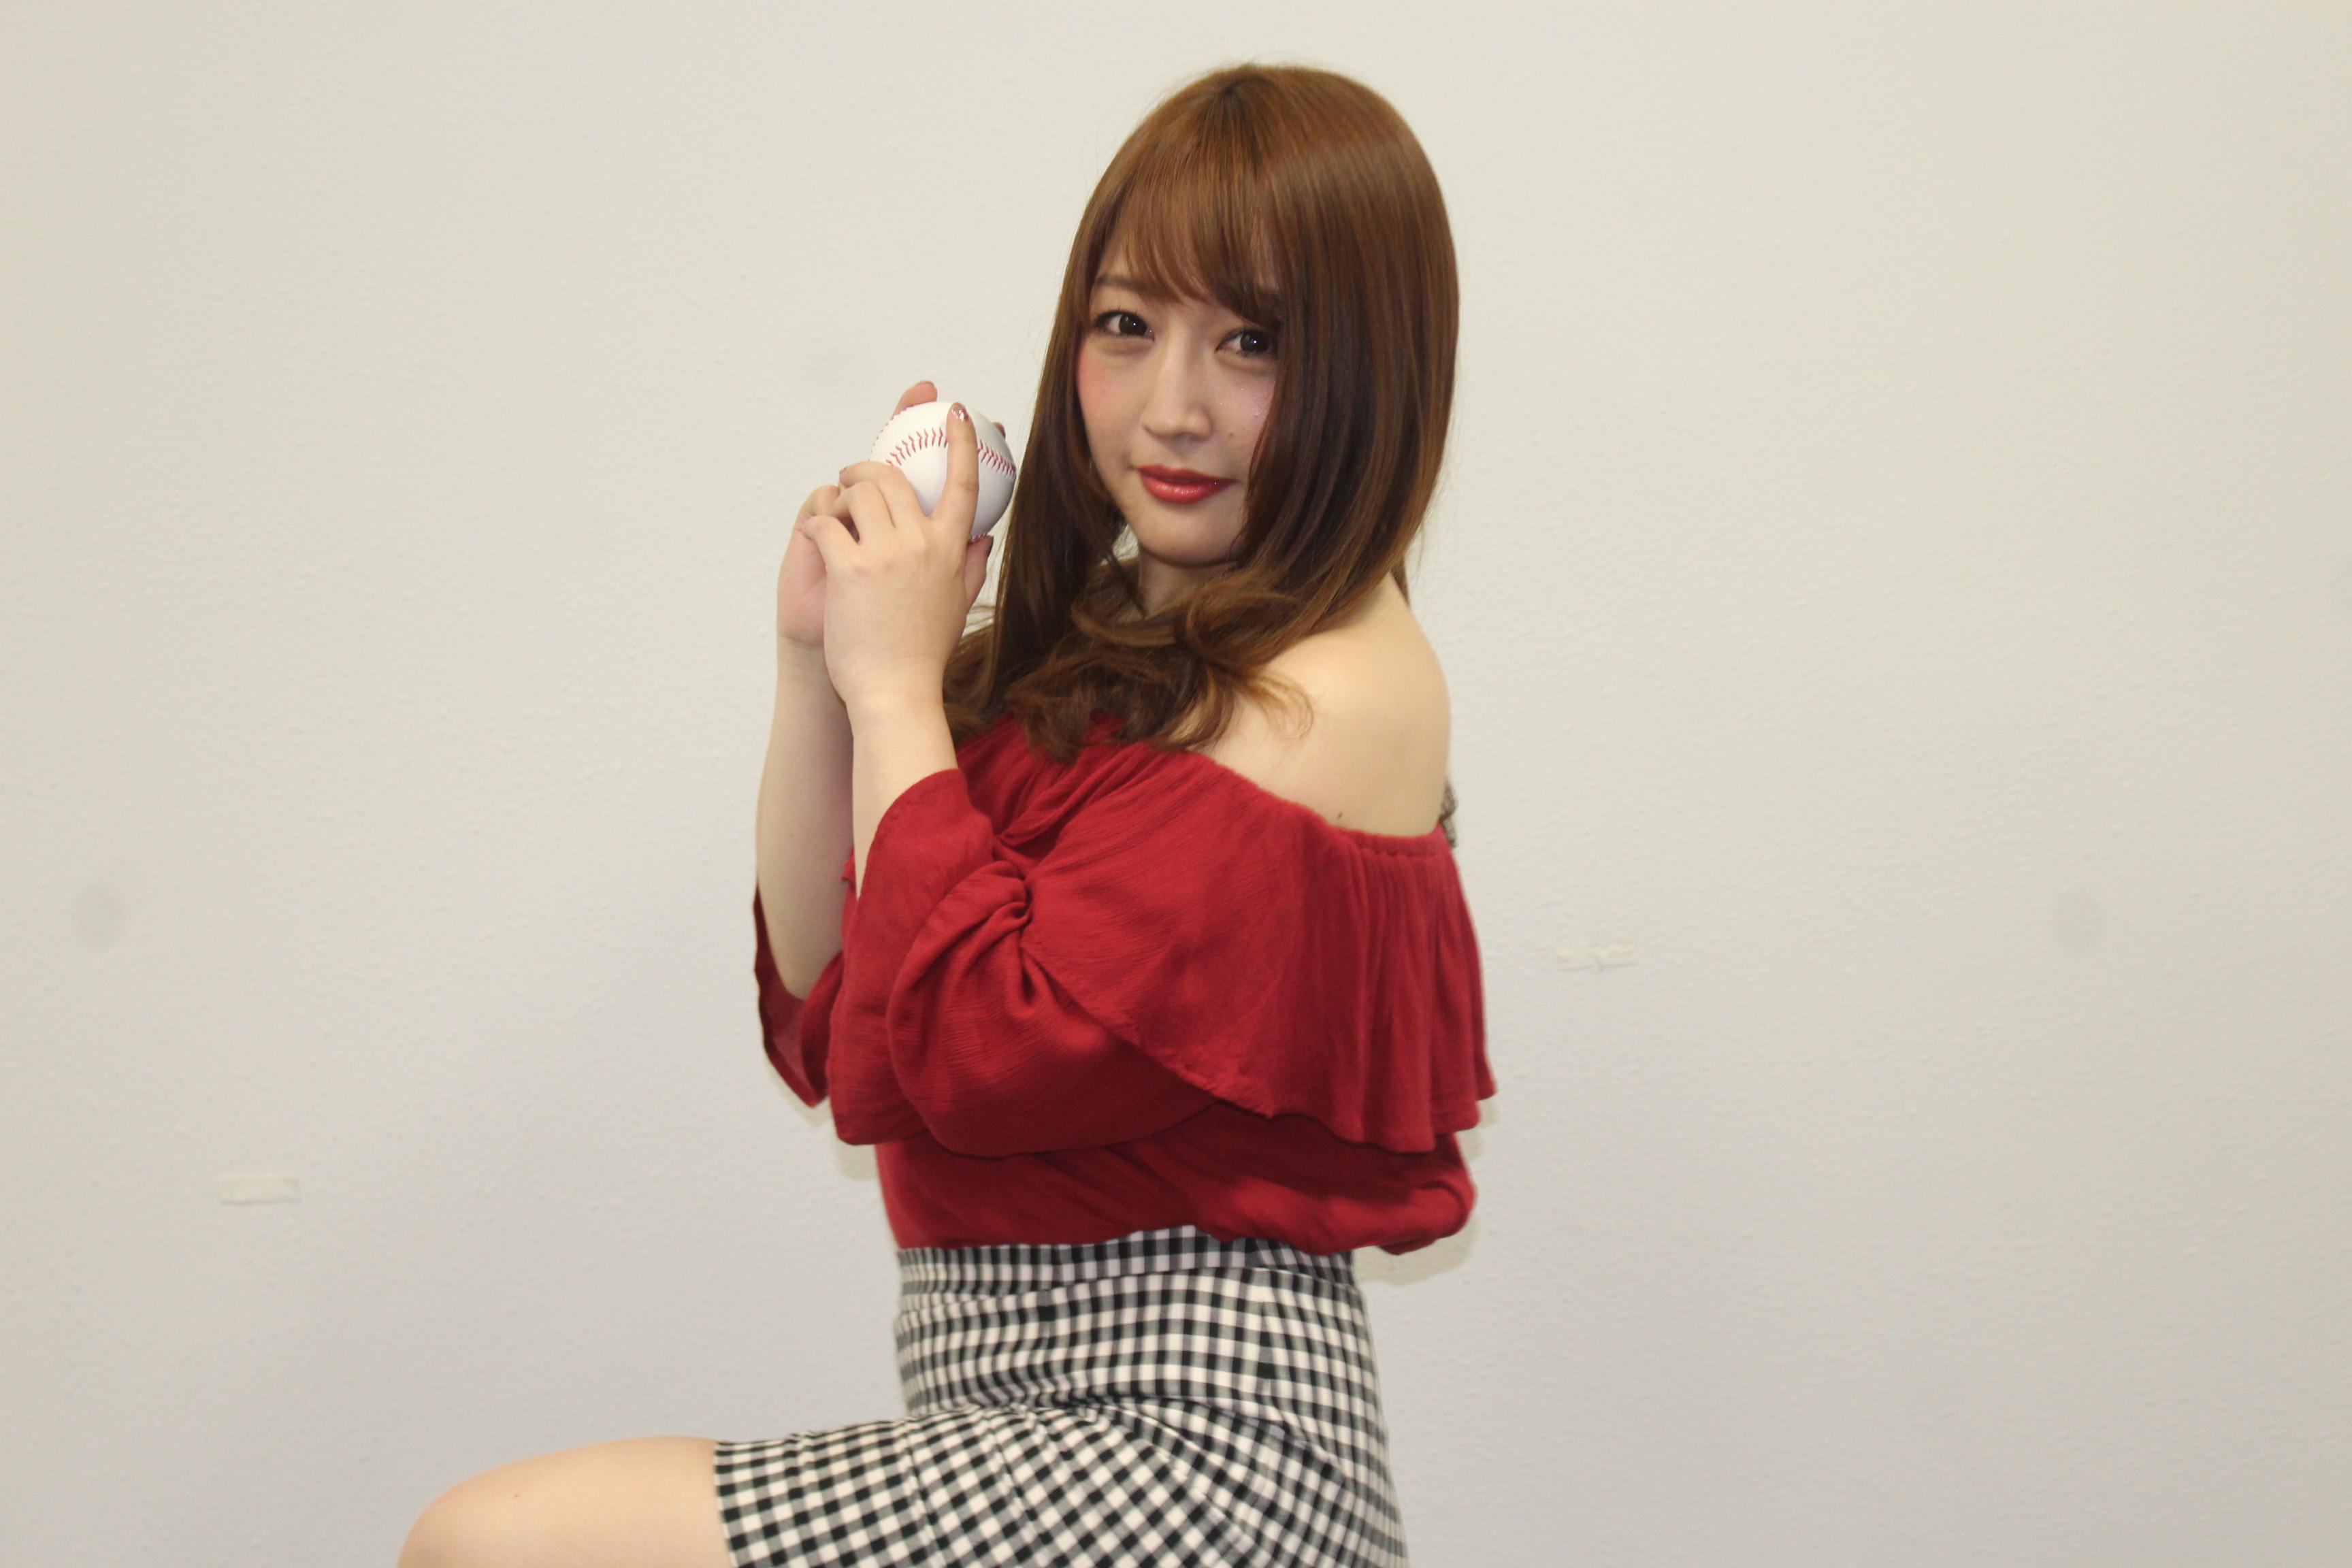 ボールをもってポーズをとる橋元優奈さん